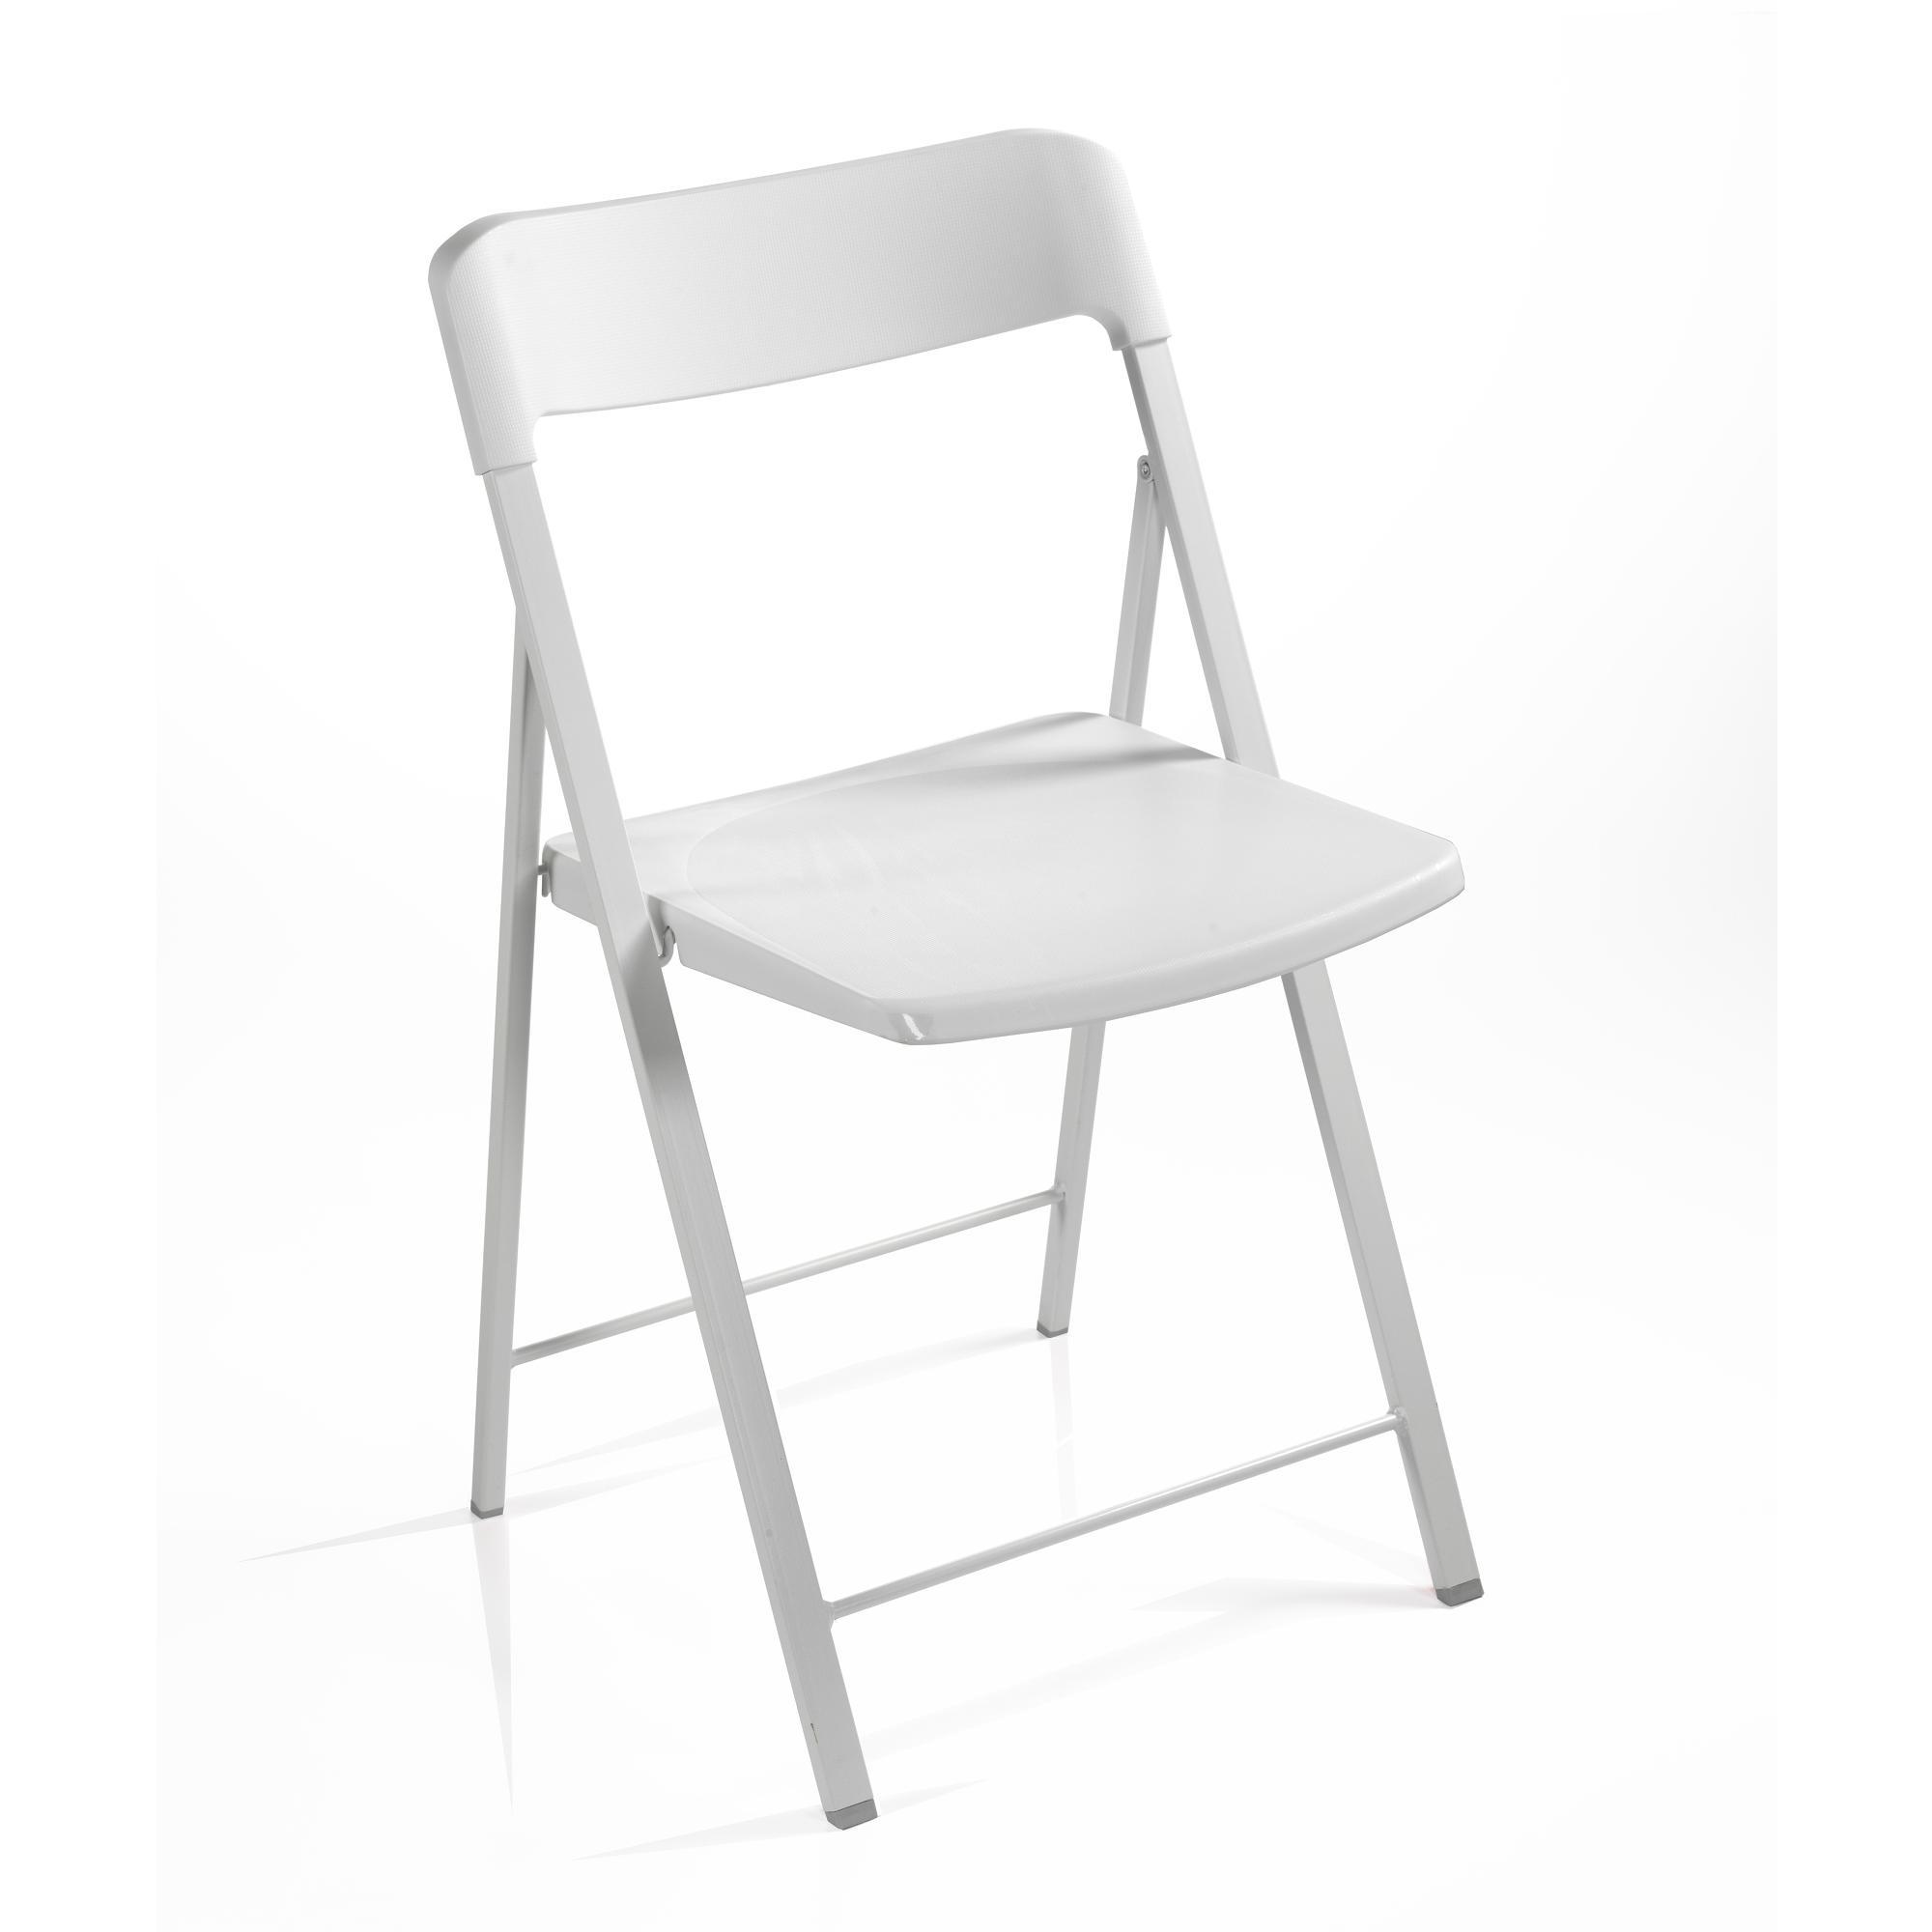 Sedie Di Plastica Pieghevoli.Sedia Pieghevole Richiudibile Zeta Con Struttura Alluminio Seduta E Schienale In Plastica Bianco Pezzani Srl